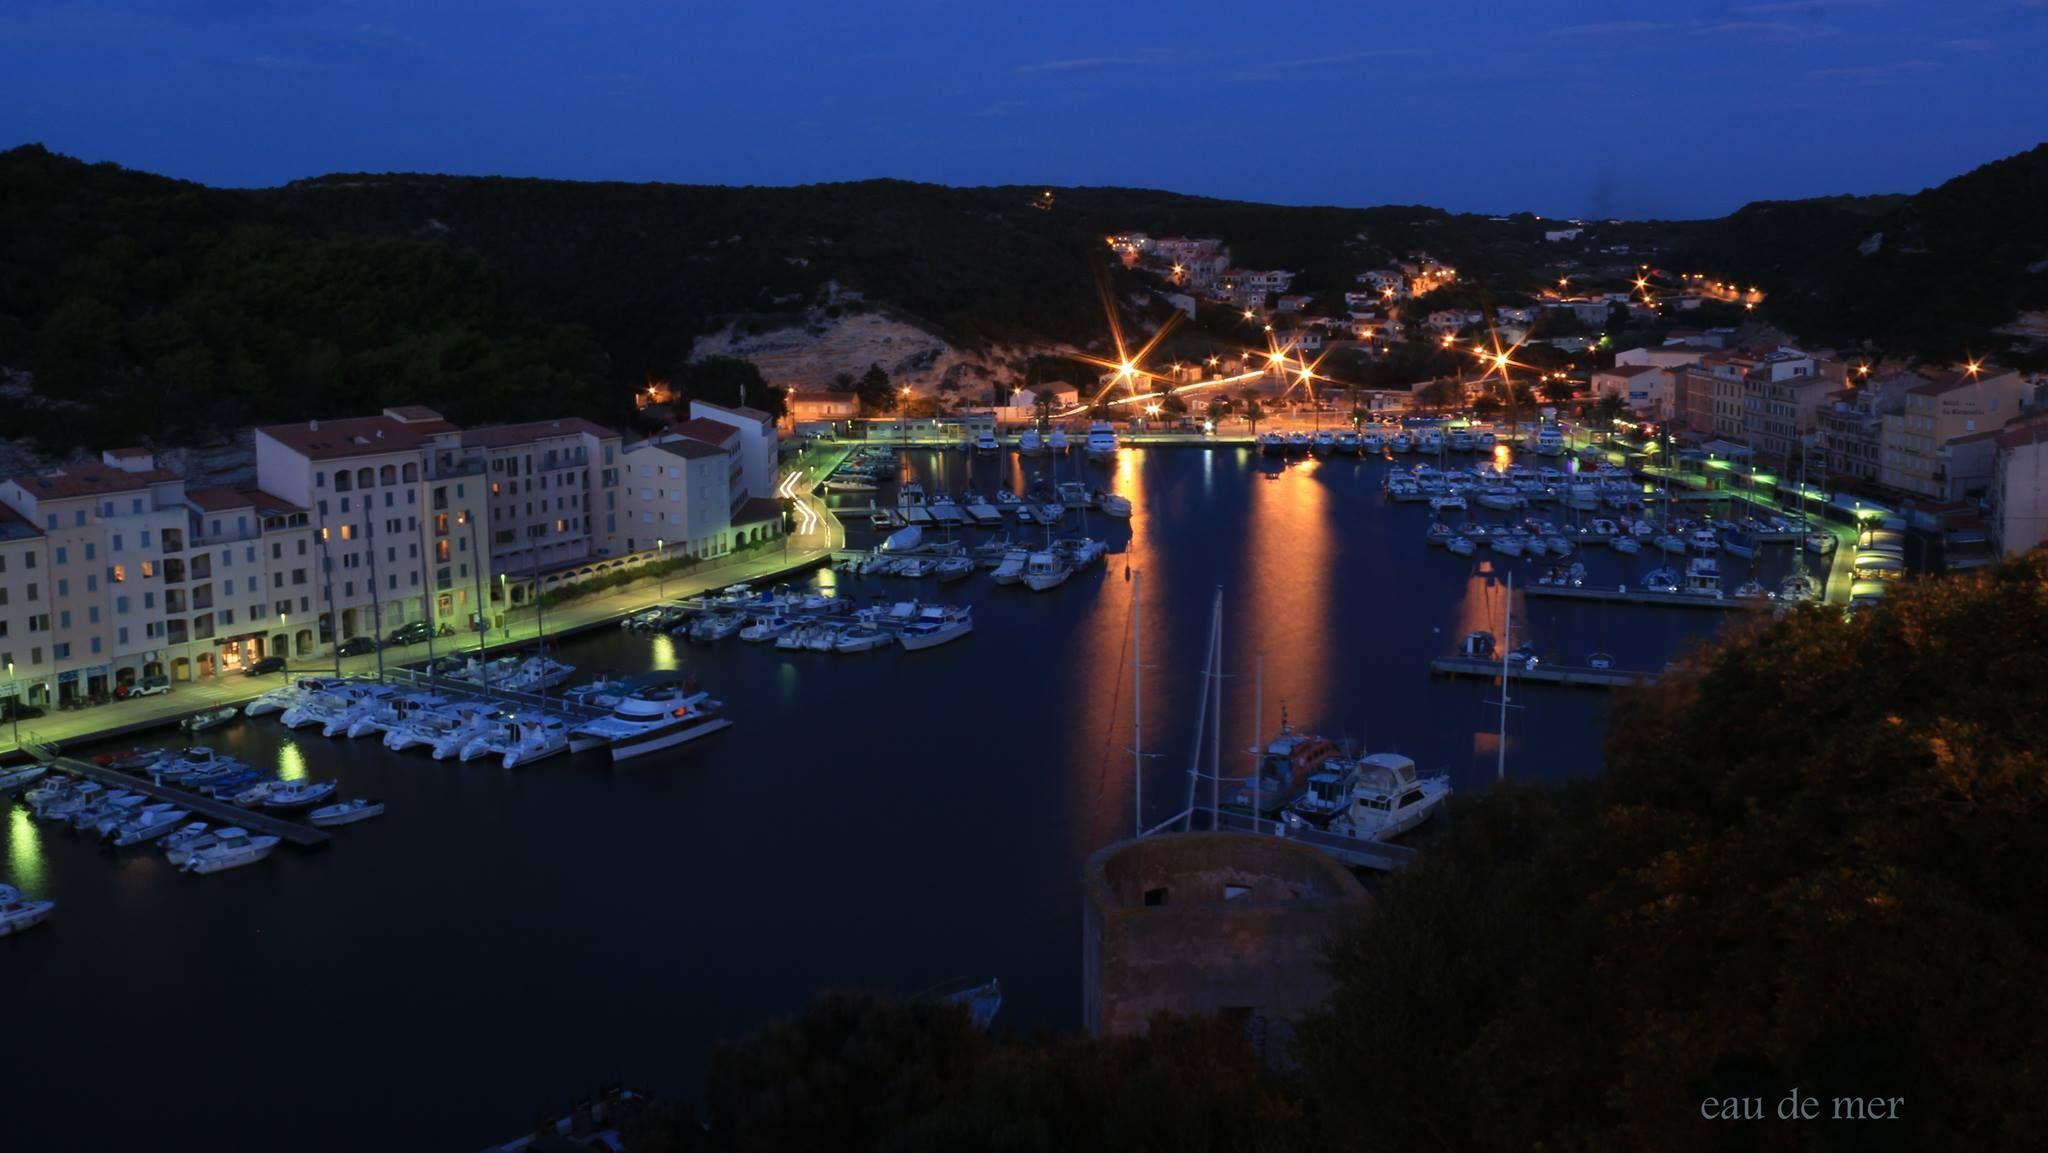 Le port de plaisance vue de nuit...  Crédit-photos: Eau de mer